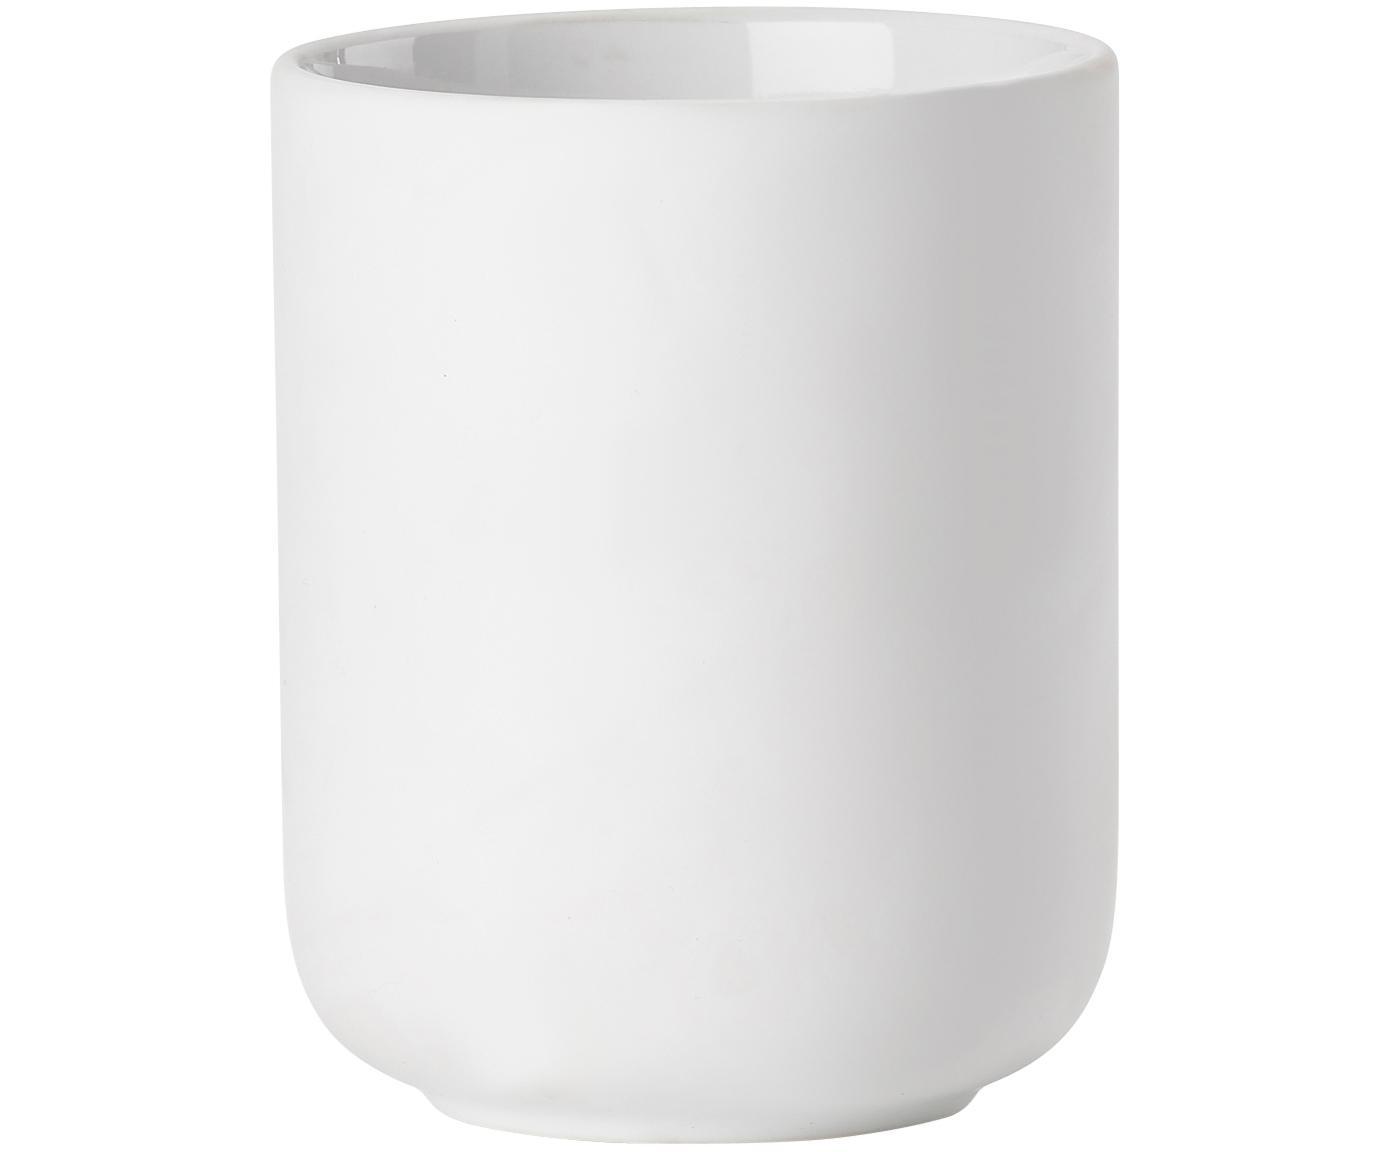 Kubek na szczoteczki z kamionki Omega, Ceramika pokryta miękką w dotyku powłoką (tworzywo sztuczne), Biały, matowy, Ø 8 x W 10 cm